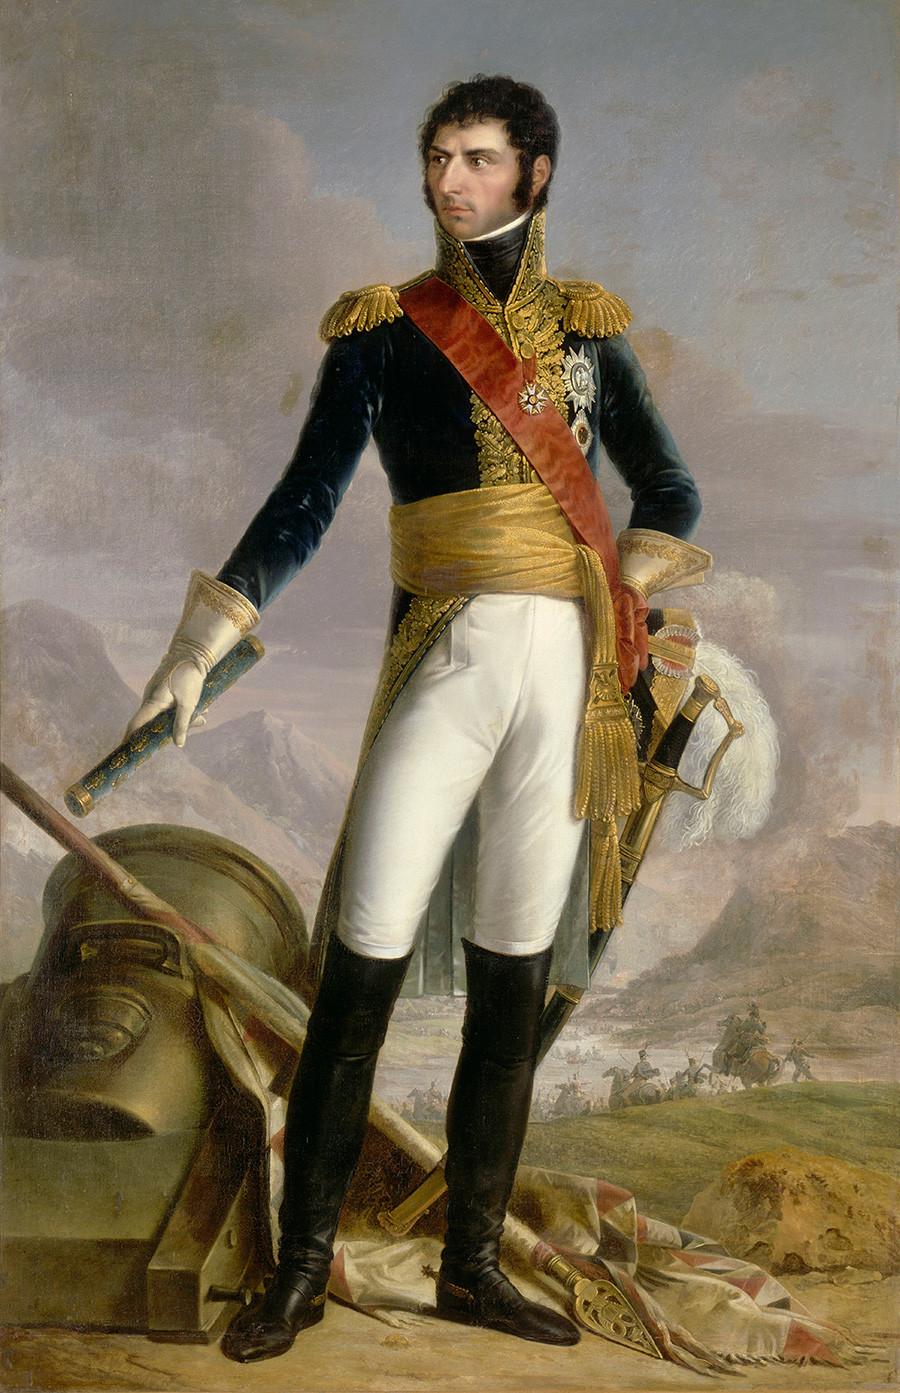 Francoski maršal Jean Baptiste Bernadotte, švedski in norveški kralj, 1818. Slika Francoisa Josepha Kinsona